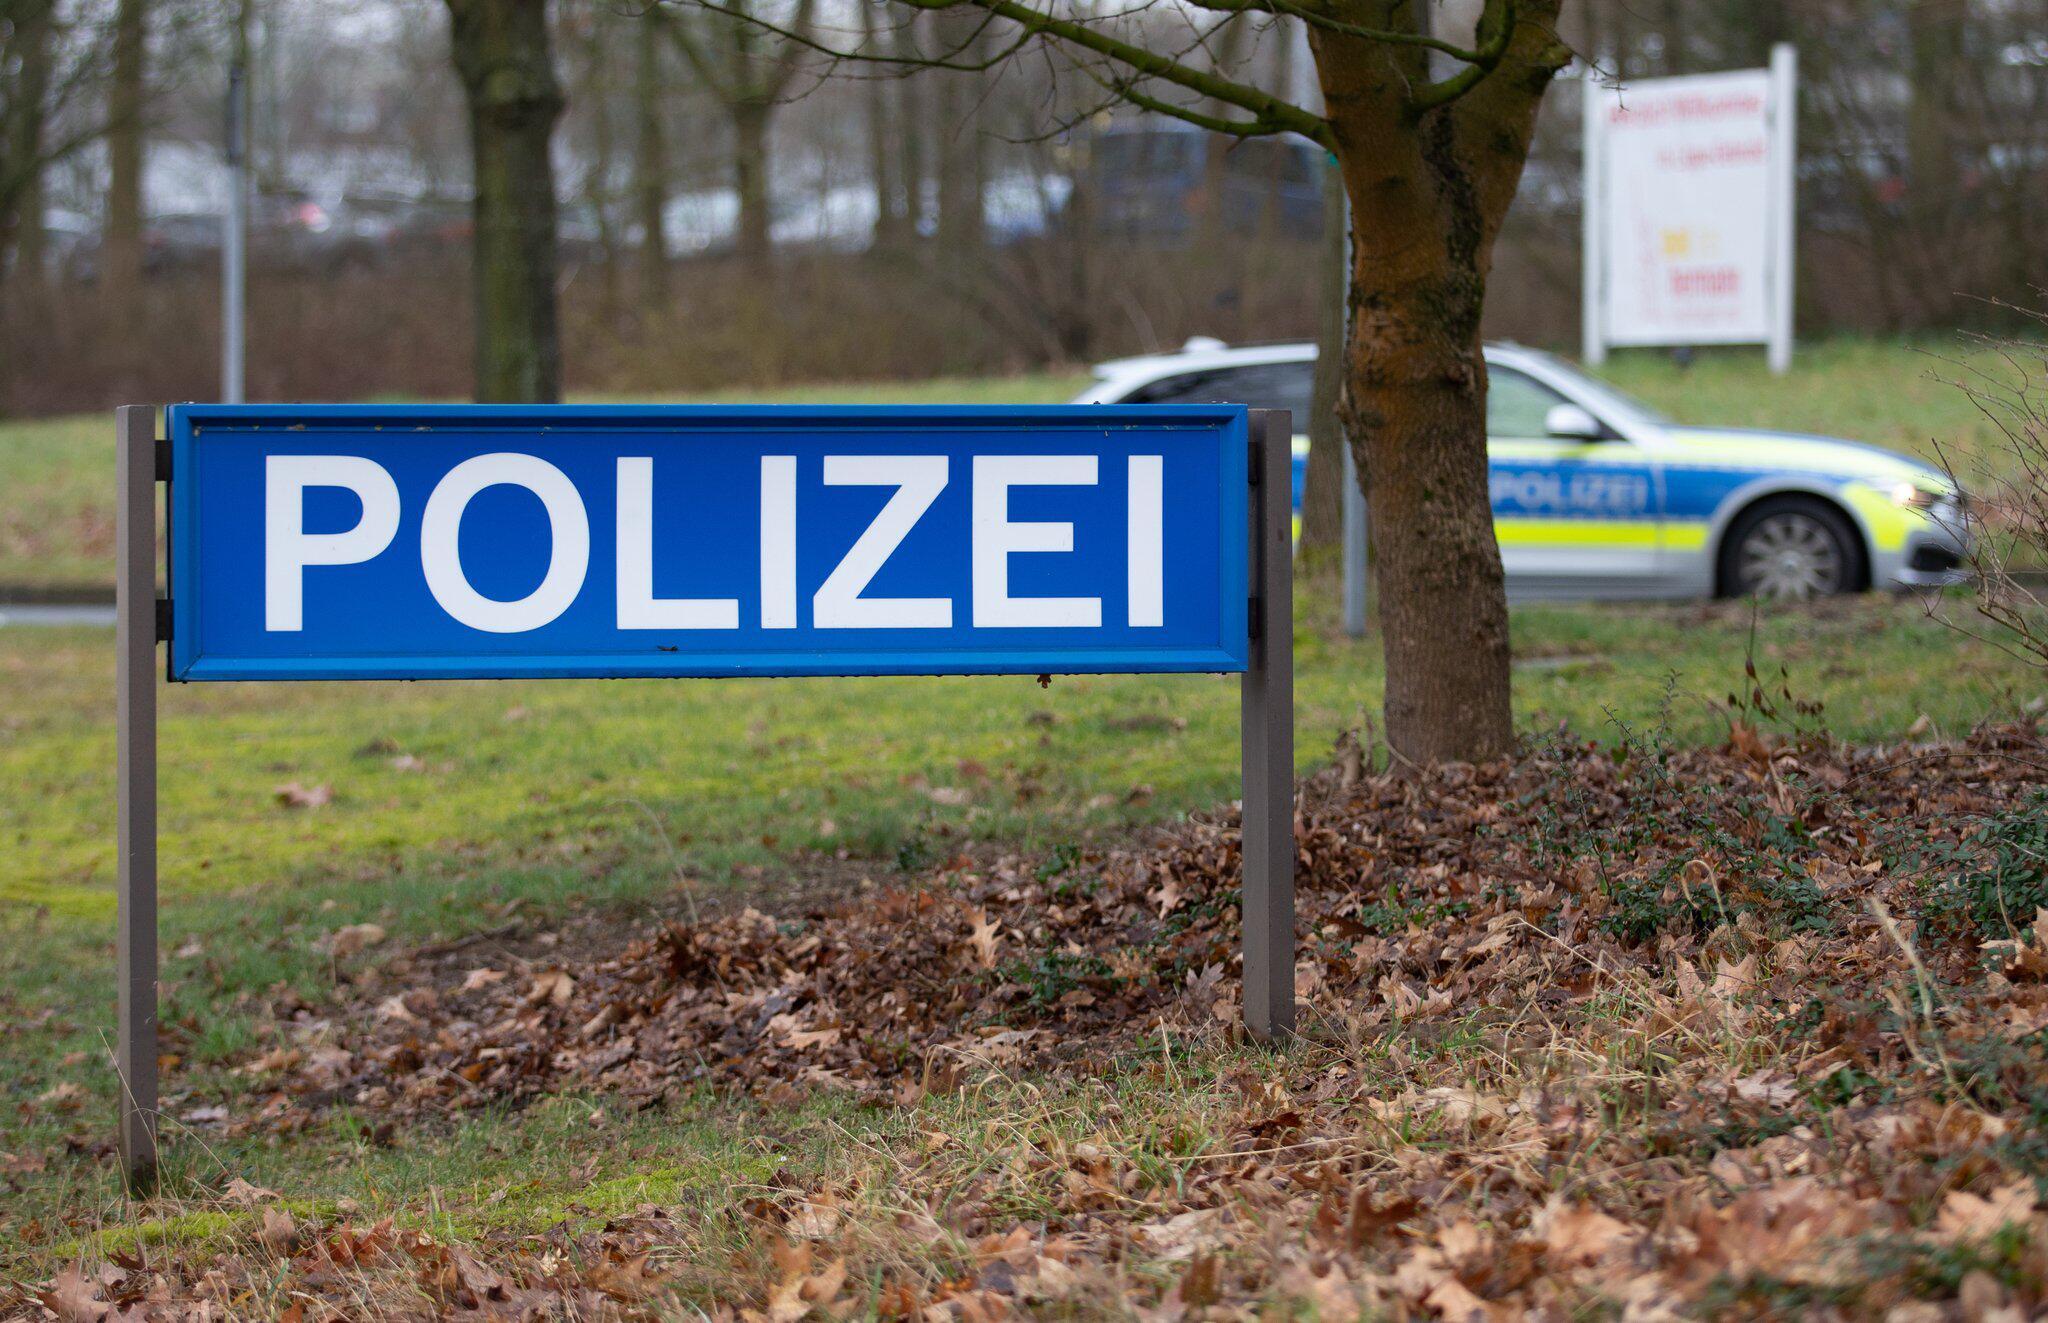 Bild zu Detmold, Polizei, Polizeiwagen, Kindesmissbrauch, Missbrauchsfall, Lügde